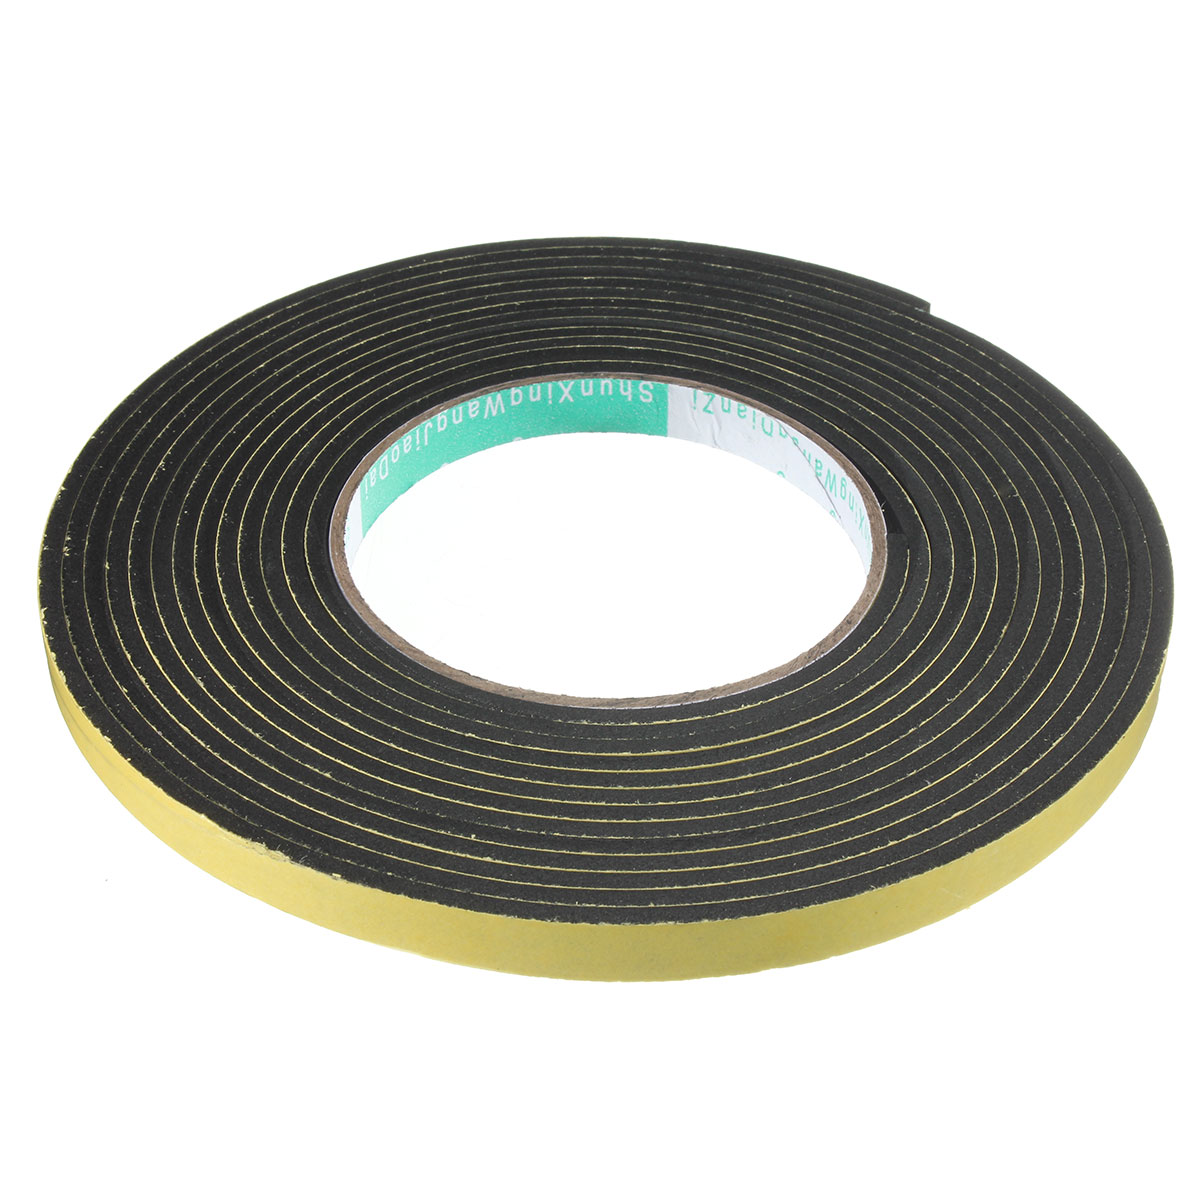 Foam rubber weather strip